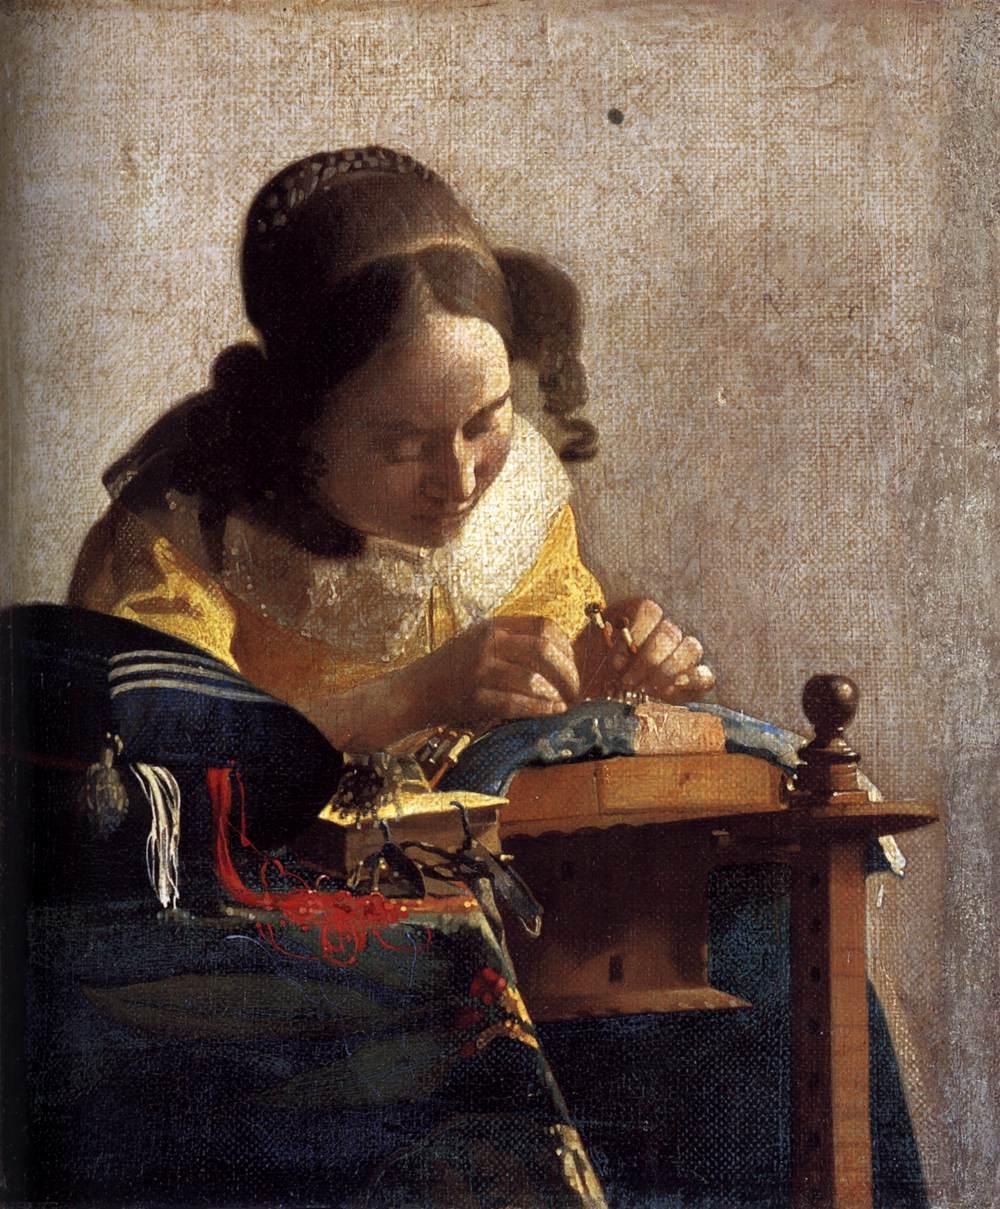 The dutch baroque jan vermeer view thread adlandpro - La lechera de vermeer ...